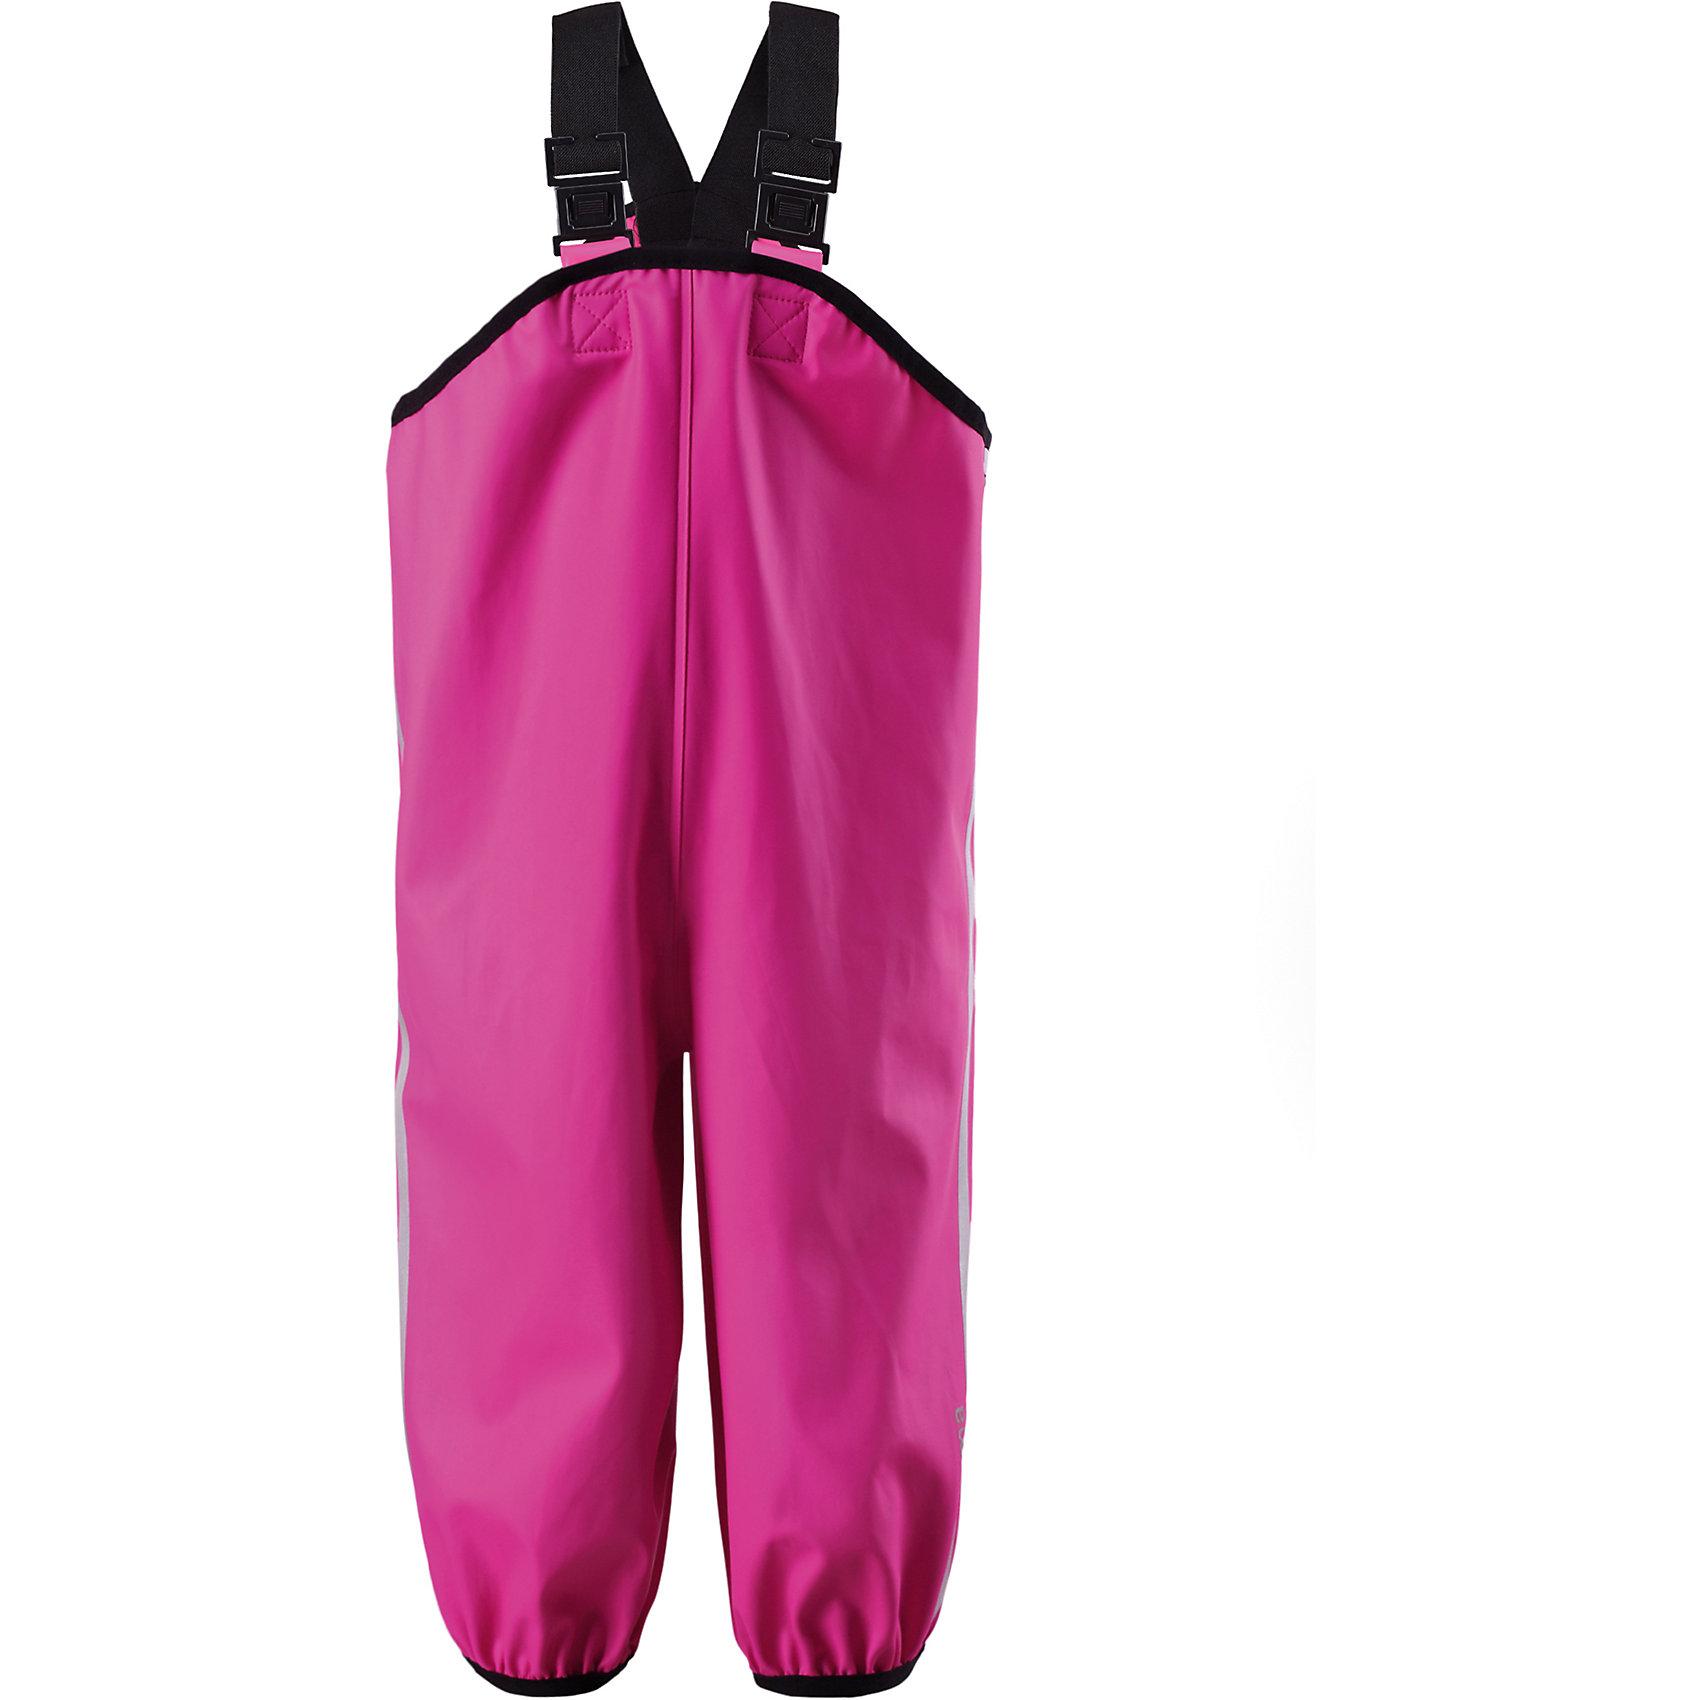 Непромокаемые брюки для девочки ReimaДети и лужи – отличное сочетание! Если только первые хорошо защищены. Эти классические брюки для дождливой погоды – безопасны в любую погоду. Материал - мягкий, но водонепроницаемый и грязеотталкивающий. Он также износостойкий и не «деревенеет» на морозе, поэтому брюки можно носить круглый год. Так как швы запаяны, они – абсолютно водонепроницаемы. Удобные эластичные подтяжки удерживают брюки во время активных игр, в то время как штрипки зафиксируют брючины внутри голенищ резиновых ботинок. Без подкладки. Отличный вариант для дождливой погоды.<br><br>Дополнительная информация:<br><br>Брюки для дождливой погоды для детей и малышей<br>Запаянные швы, не пропускающие влагу<br>Эластичный материал<br>Без ПХВ<br>Регулируемый обхват талии<br>Эластичная резинка на штанинах<br>Съемные эластичные штрипки<br>Регулируемые эластичные подтяжки<br>Безопасные светоотражающие детали<br>Состав:<br>100% ПЭ, ПУ-покрытие<br>Уход:<br>Стирать по отдельности, вывернув наизнанку. Стирать моющим средством, не содержащим отбеливающие вещества. Полоскать без специального средства. Во избежание изменения цвета изделие необходимо вынуть из стиральной машинки незамедлительно после окончания программы стирки. Сушить при низкой температуре.<br><br>Ширина мм: 215<br>Глубина мм: 88<br>Высота мм: 191<br>Вес г: 336<br>Цвет: розовый<br>Возраст от месяцев: 72<br>Возраст до месяцев: 84<br>Пол: Женский<br>Возраст: Детский<br>Размер: 122,86,92,104,110,128,116,98,74,80<br>SKU: 4498543